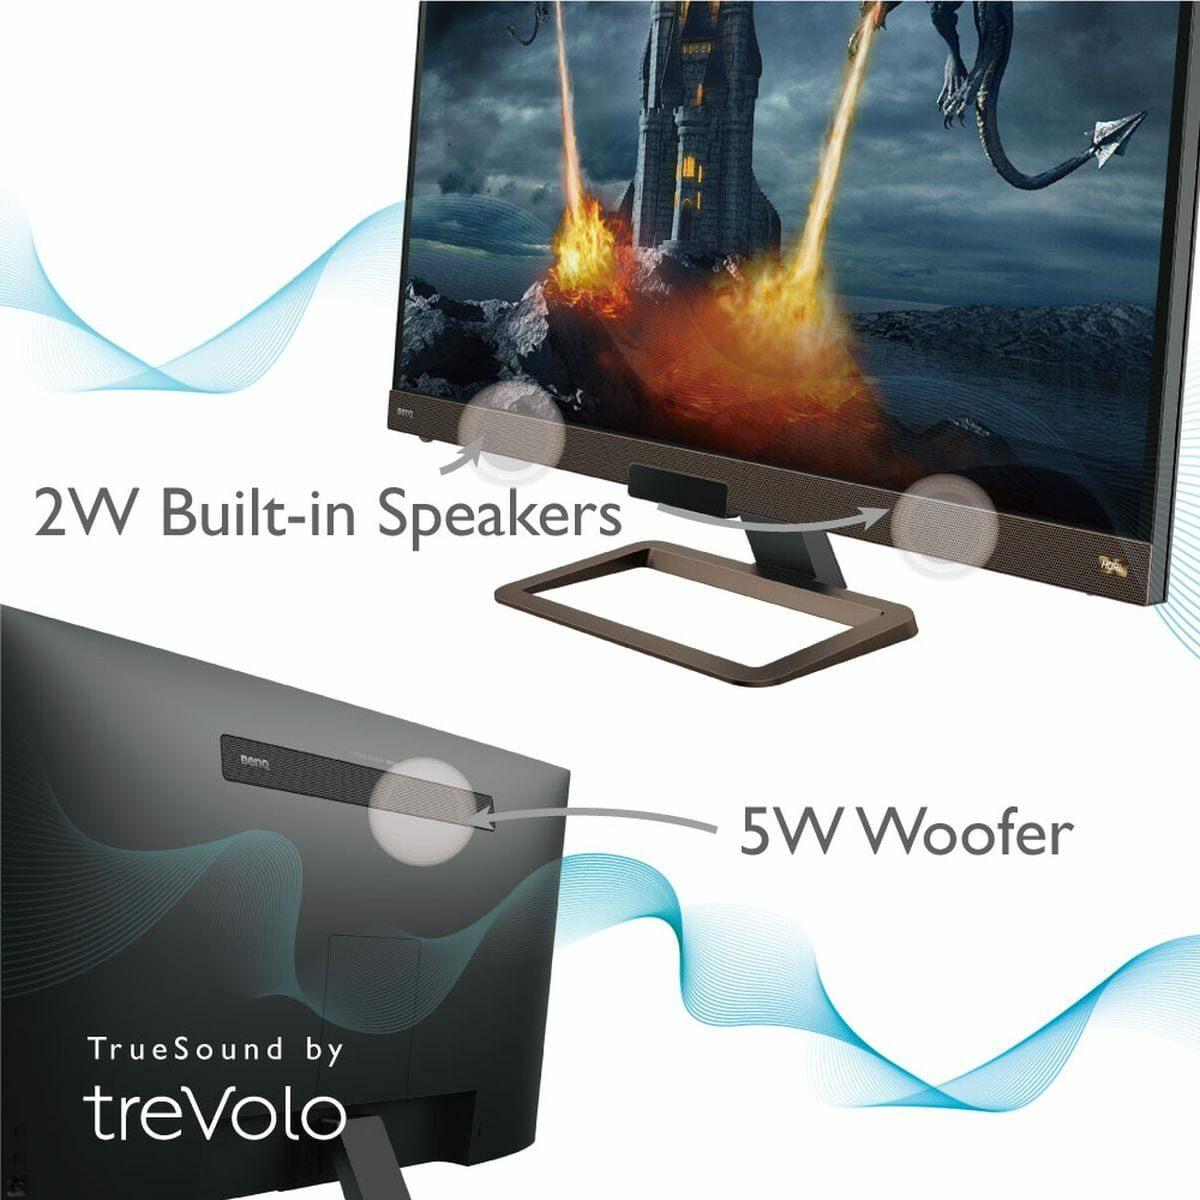 BenQ EW3280U: Monitor Gaming 4K dengan Teknologi HDRi dan Audio 2.1 Channel dari treVolo 17 BenQ, benq EW3280U, harga, spesifikasi